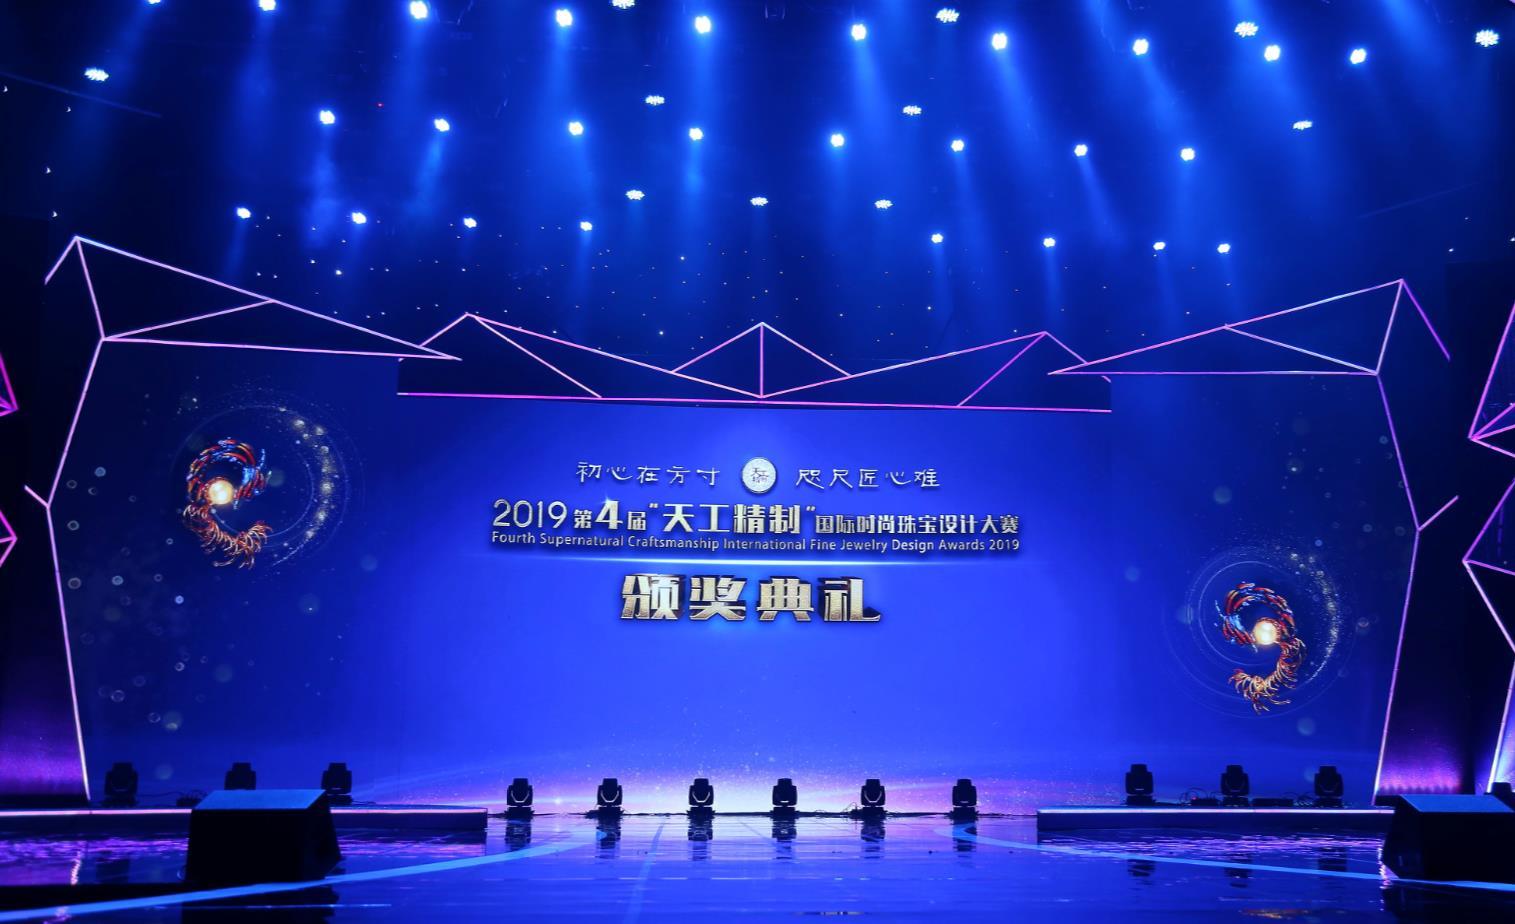 第四届天工精制大赛开幕,对庄作为独家直播平台参加